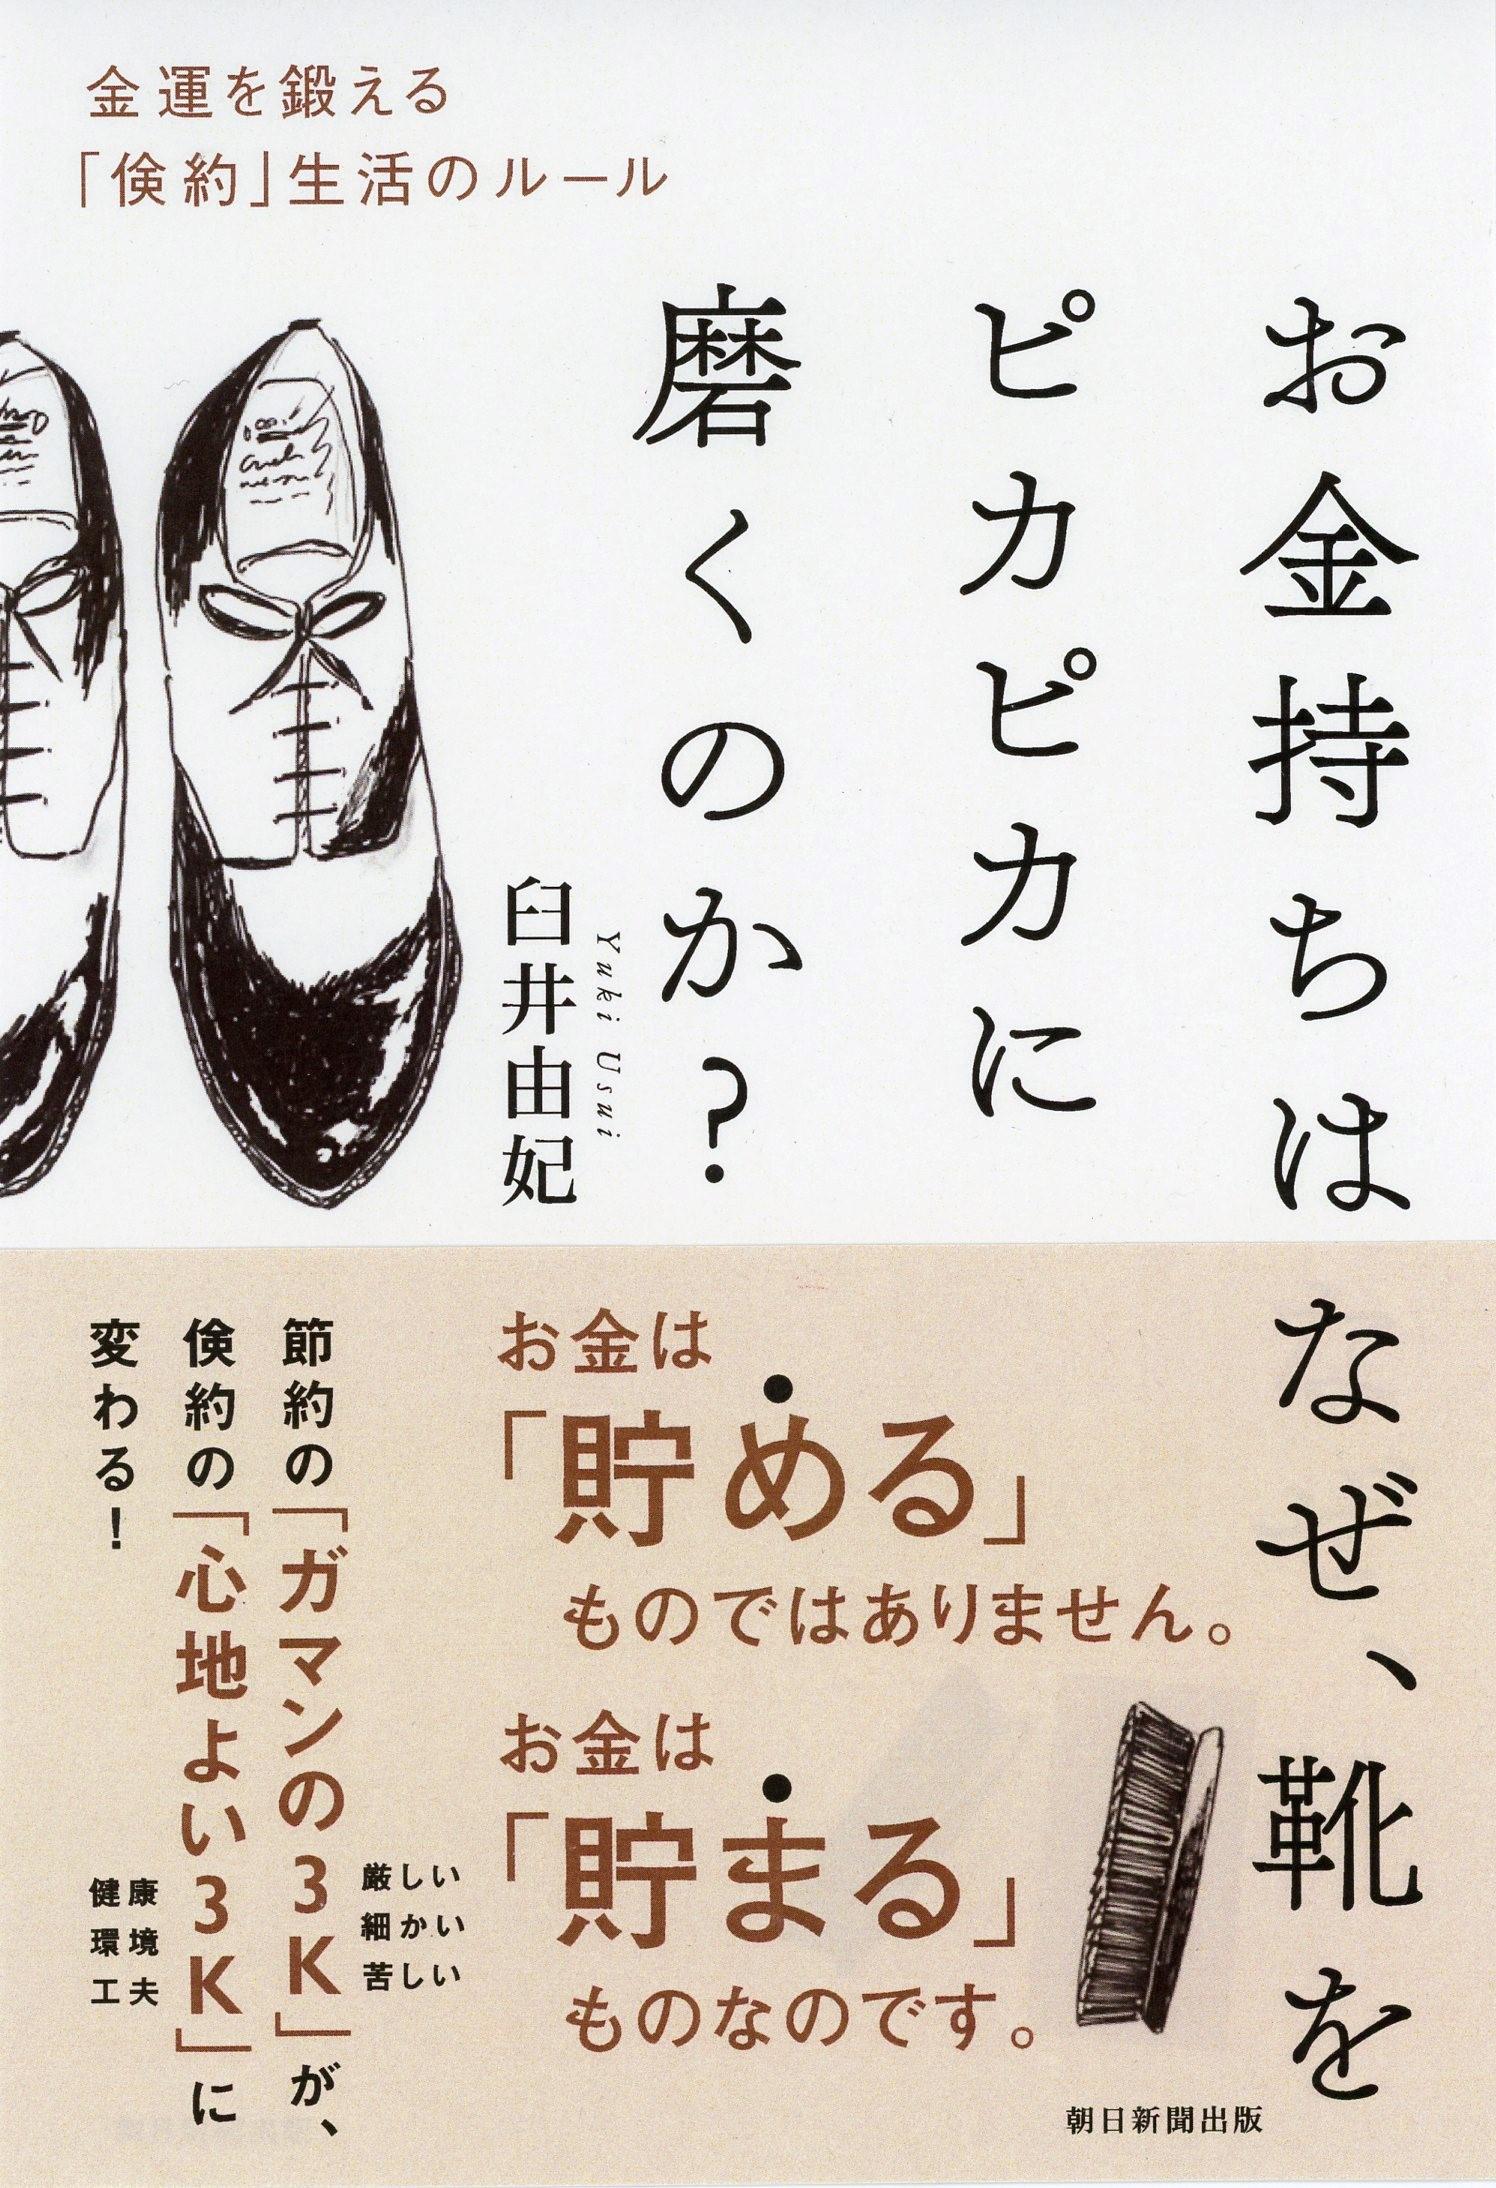 お金持ちはなぜ、靴をピカピカに磨くのか?